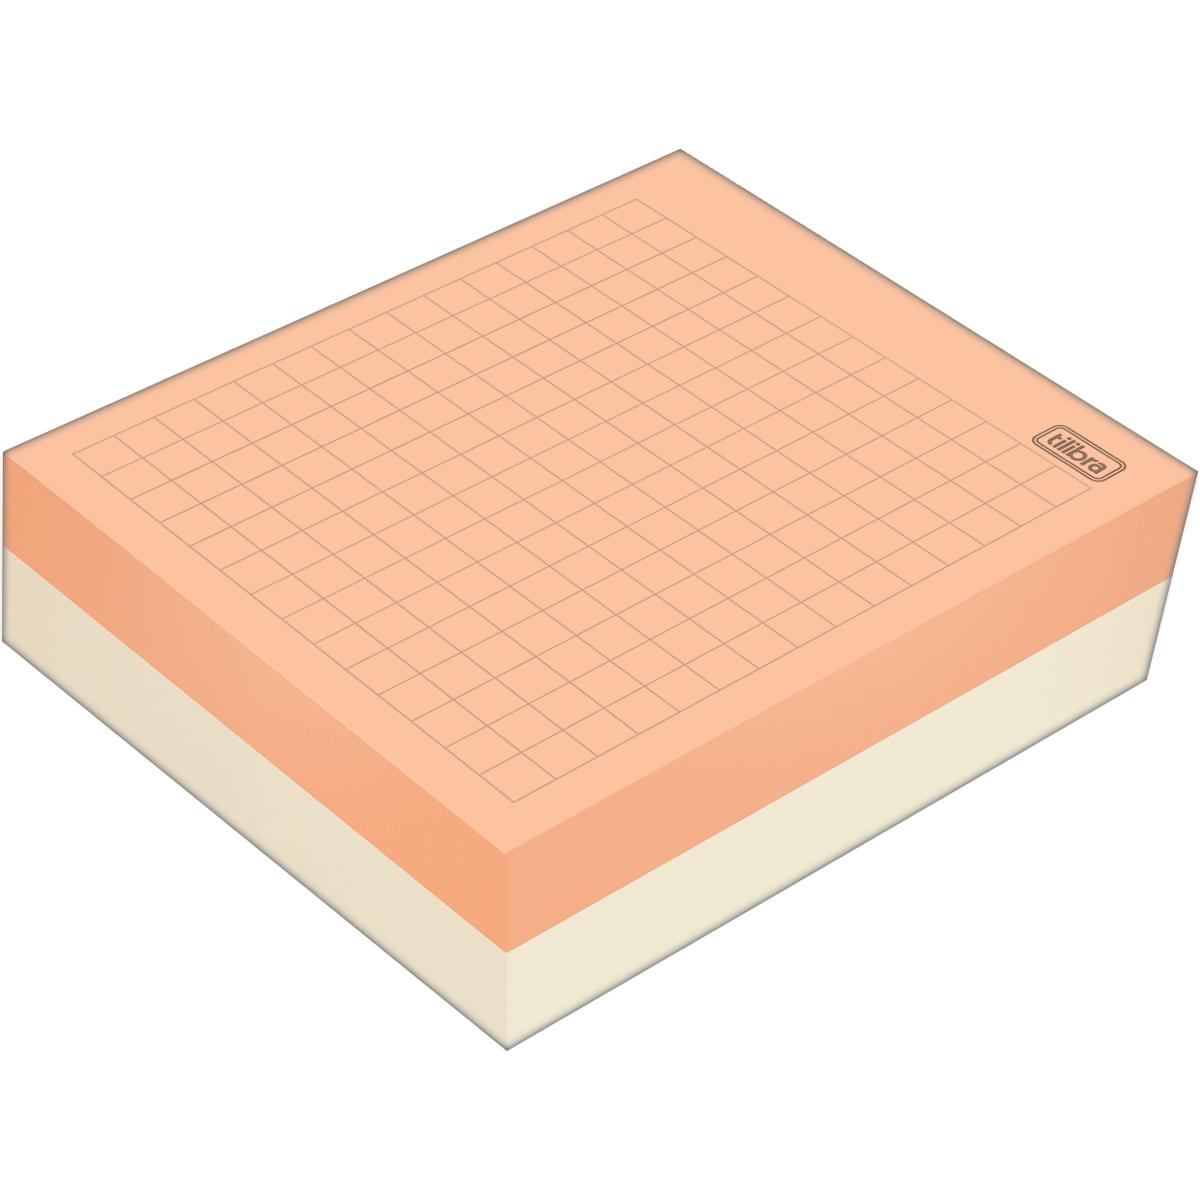 Bloco de Folhas Quadriculado TiLembrete Tilibra 8x9cm